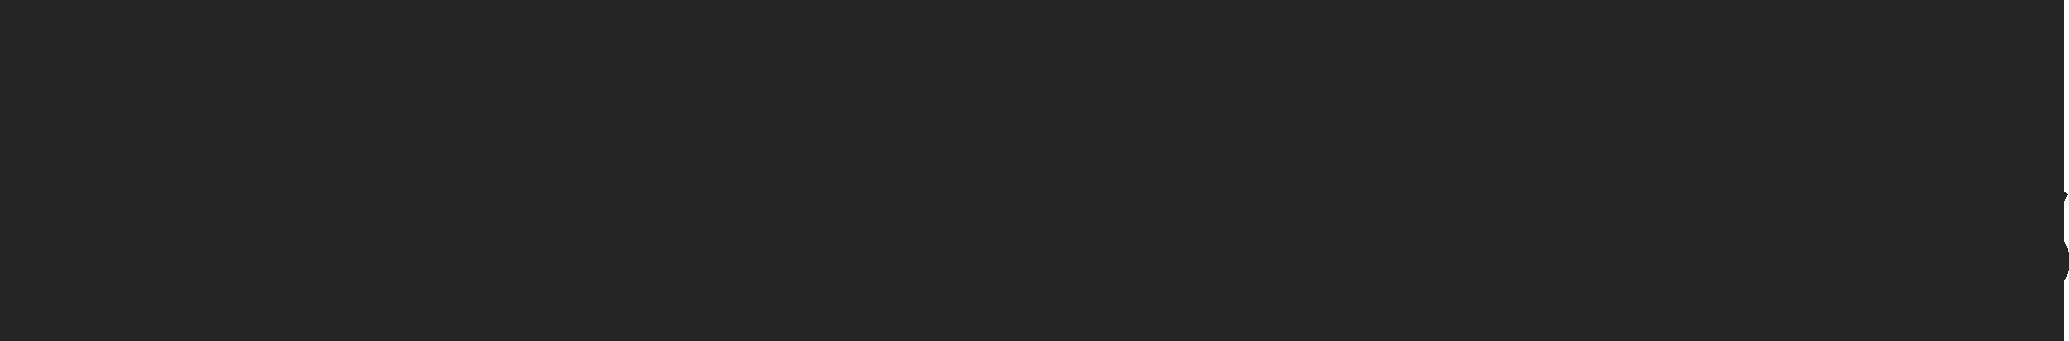 Minősített Logo